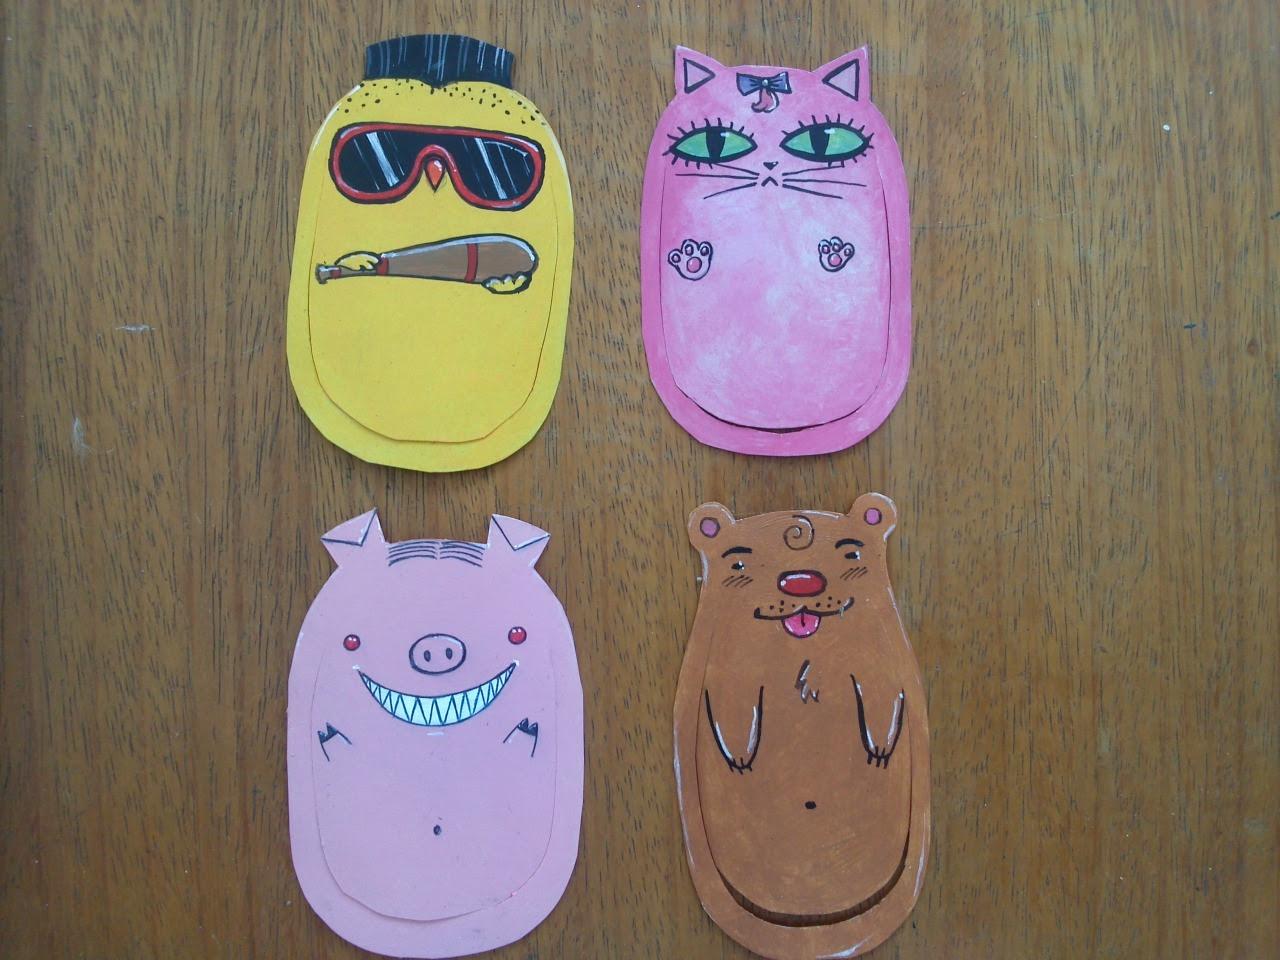 Cortada!  Clipe bookmarks, se você preferir!  :) Garota má, USD 4,00 Snob Kitty, USD 4,00 Piggie Dangerous, USD 4,00 Baby Bear, USD 4,00 Ou tudo por USD 15,00!  Brasileiros, R $ 6,00 CADA UO Todos por R $ 20,00!  Contato via askbox, não se esqueça de seu e-mail e CEP!